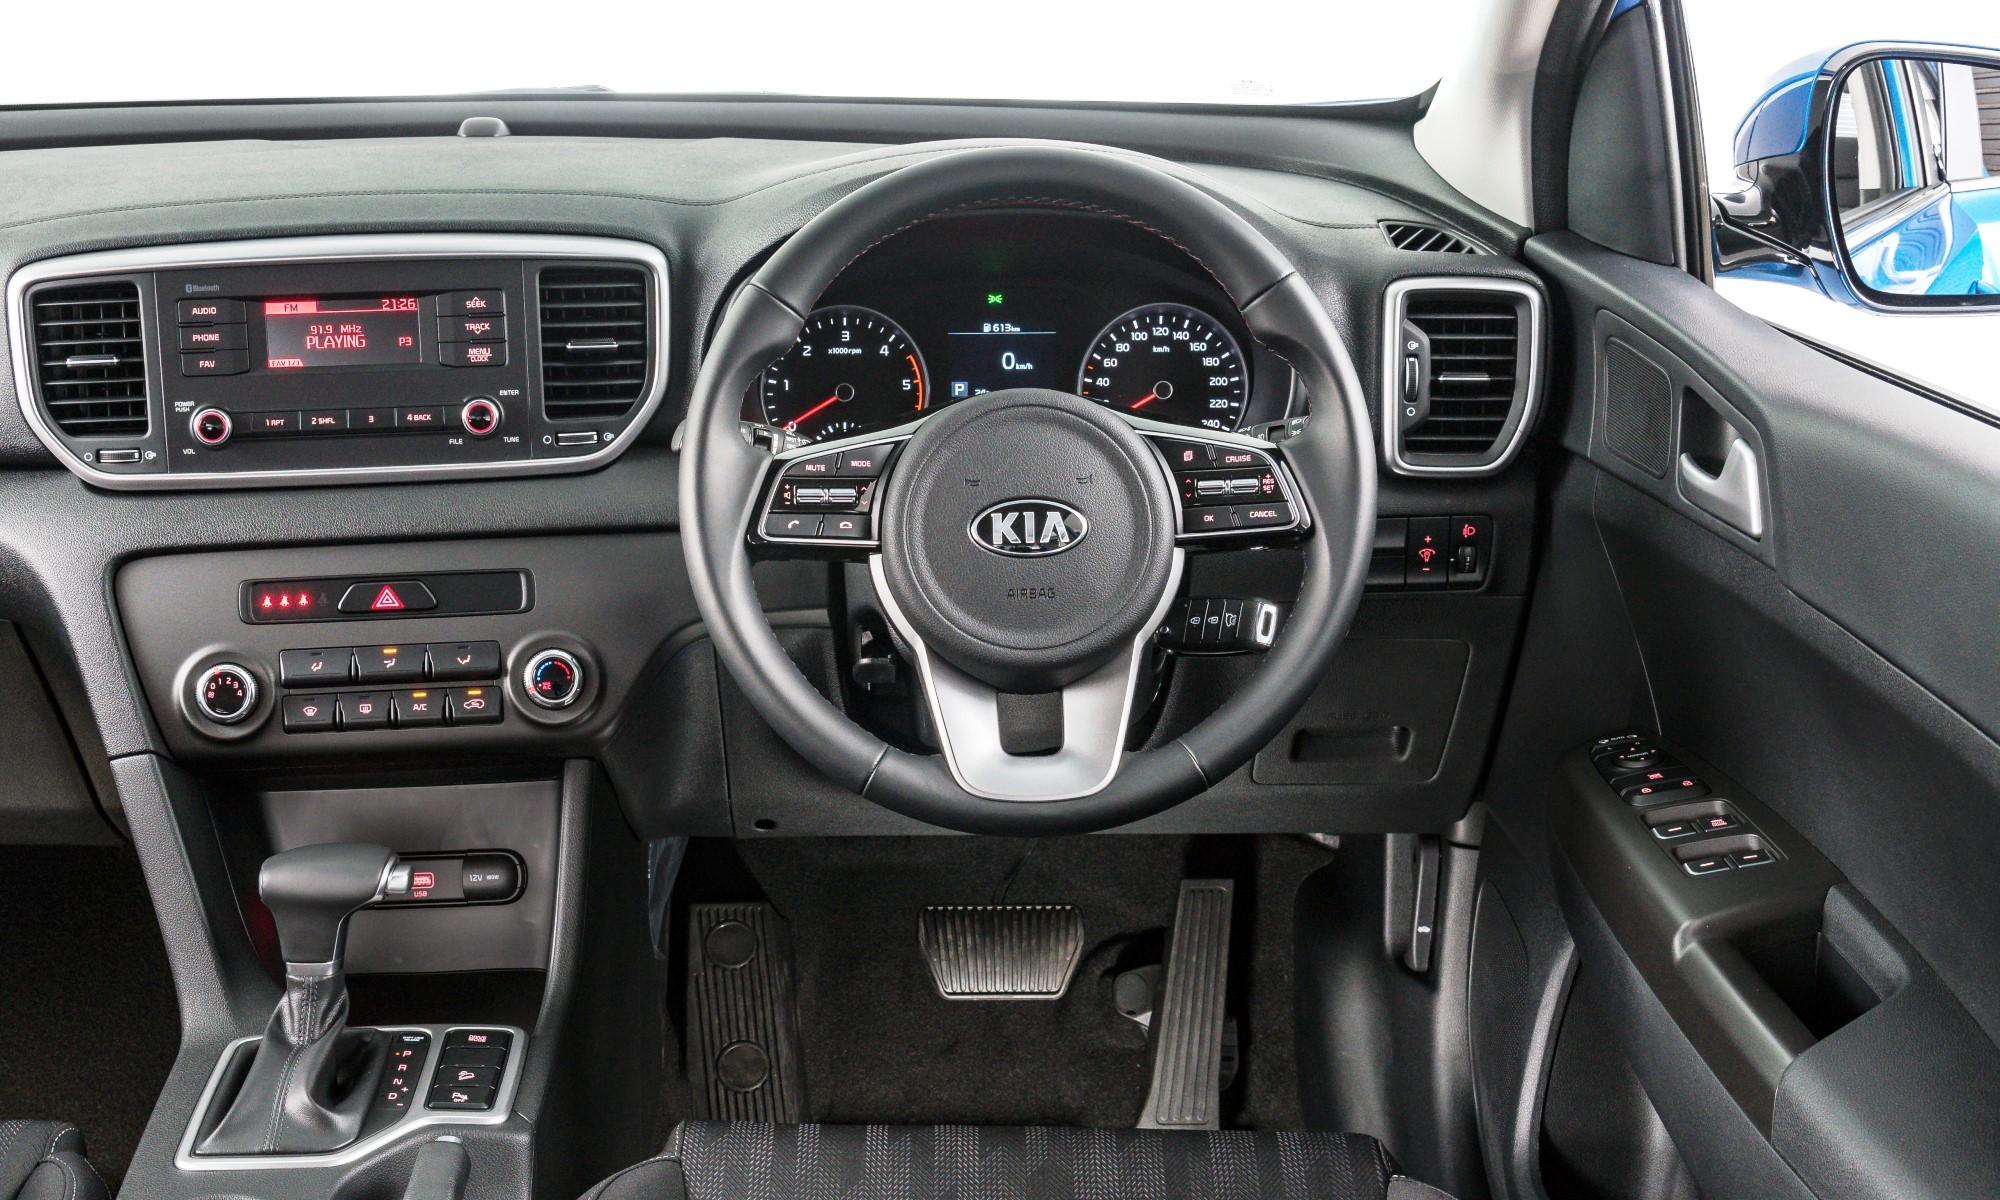 KIA Sportage 1,6 GDI Ignite interior